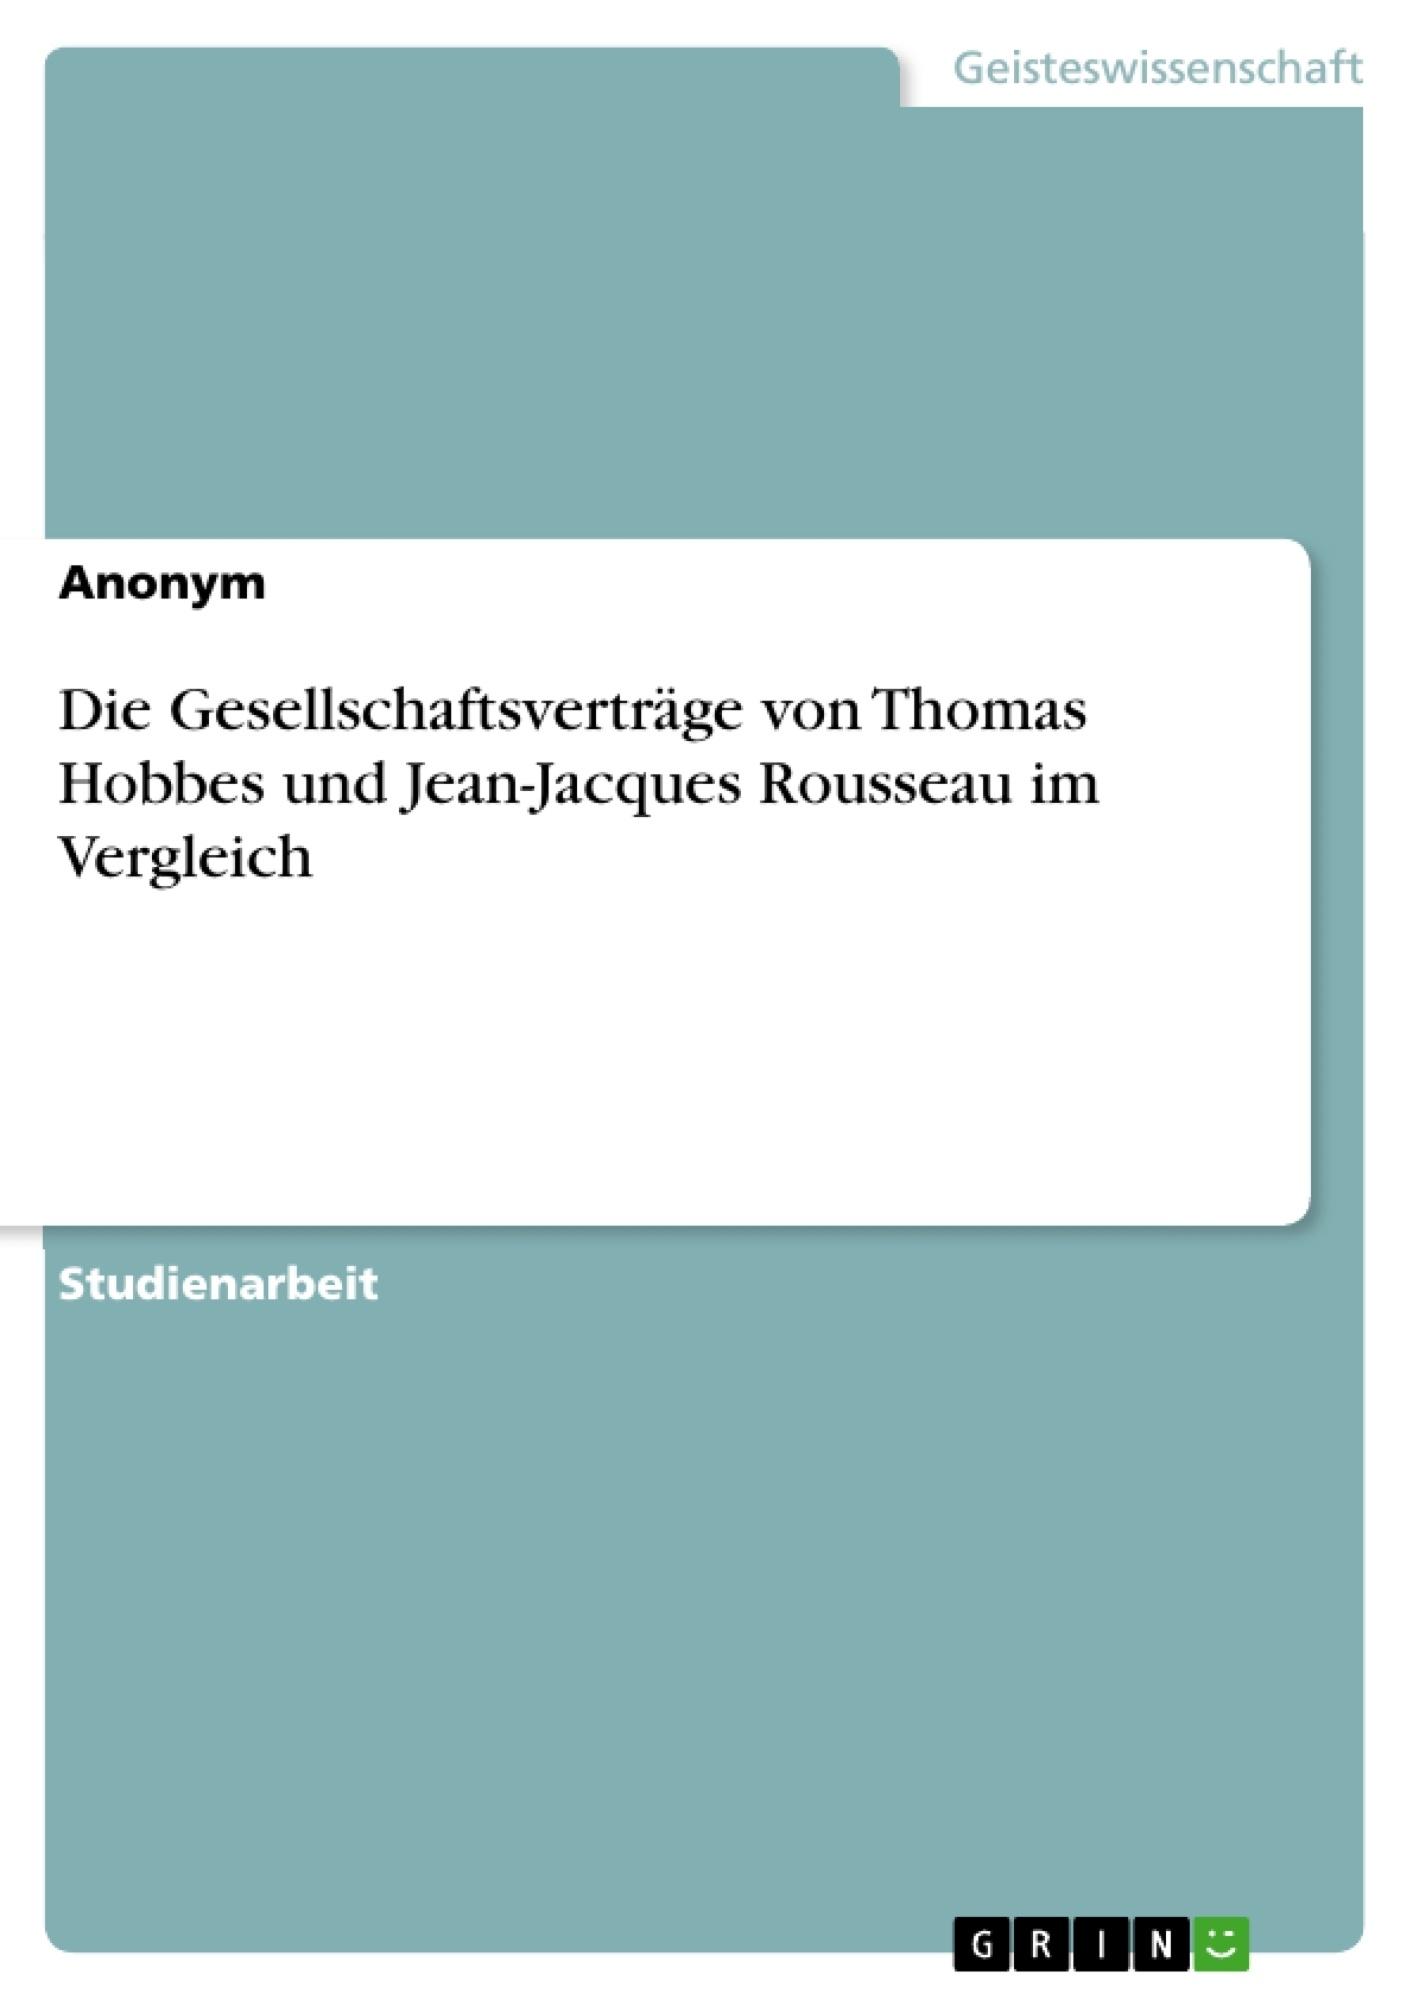 Titel: Die Gesellschaftsverträge von Thomas Hobbes und Jean-Jacques Rousseau im Vergleich